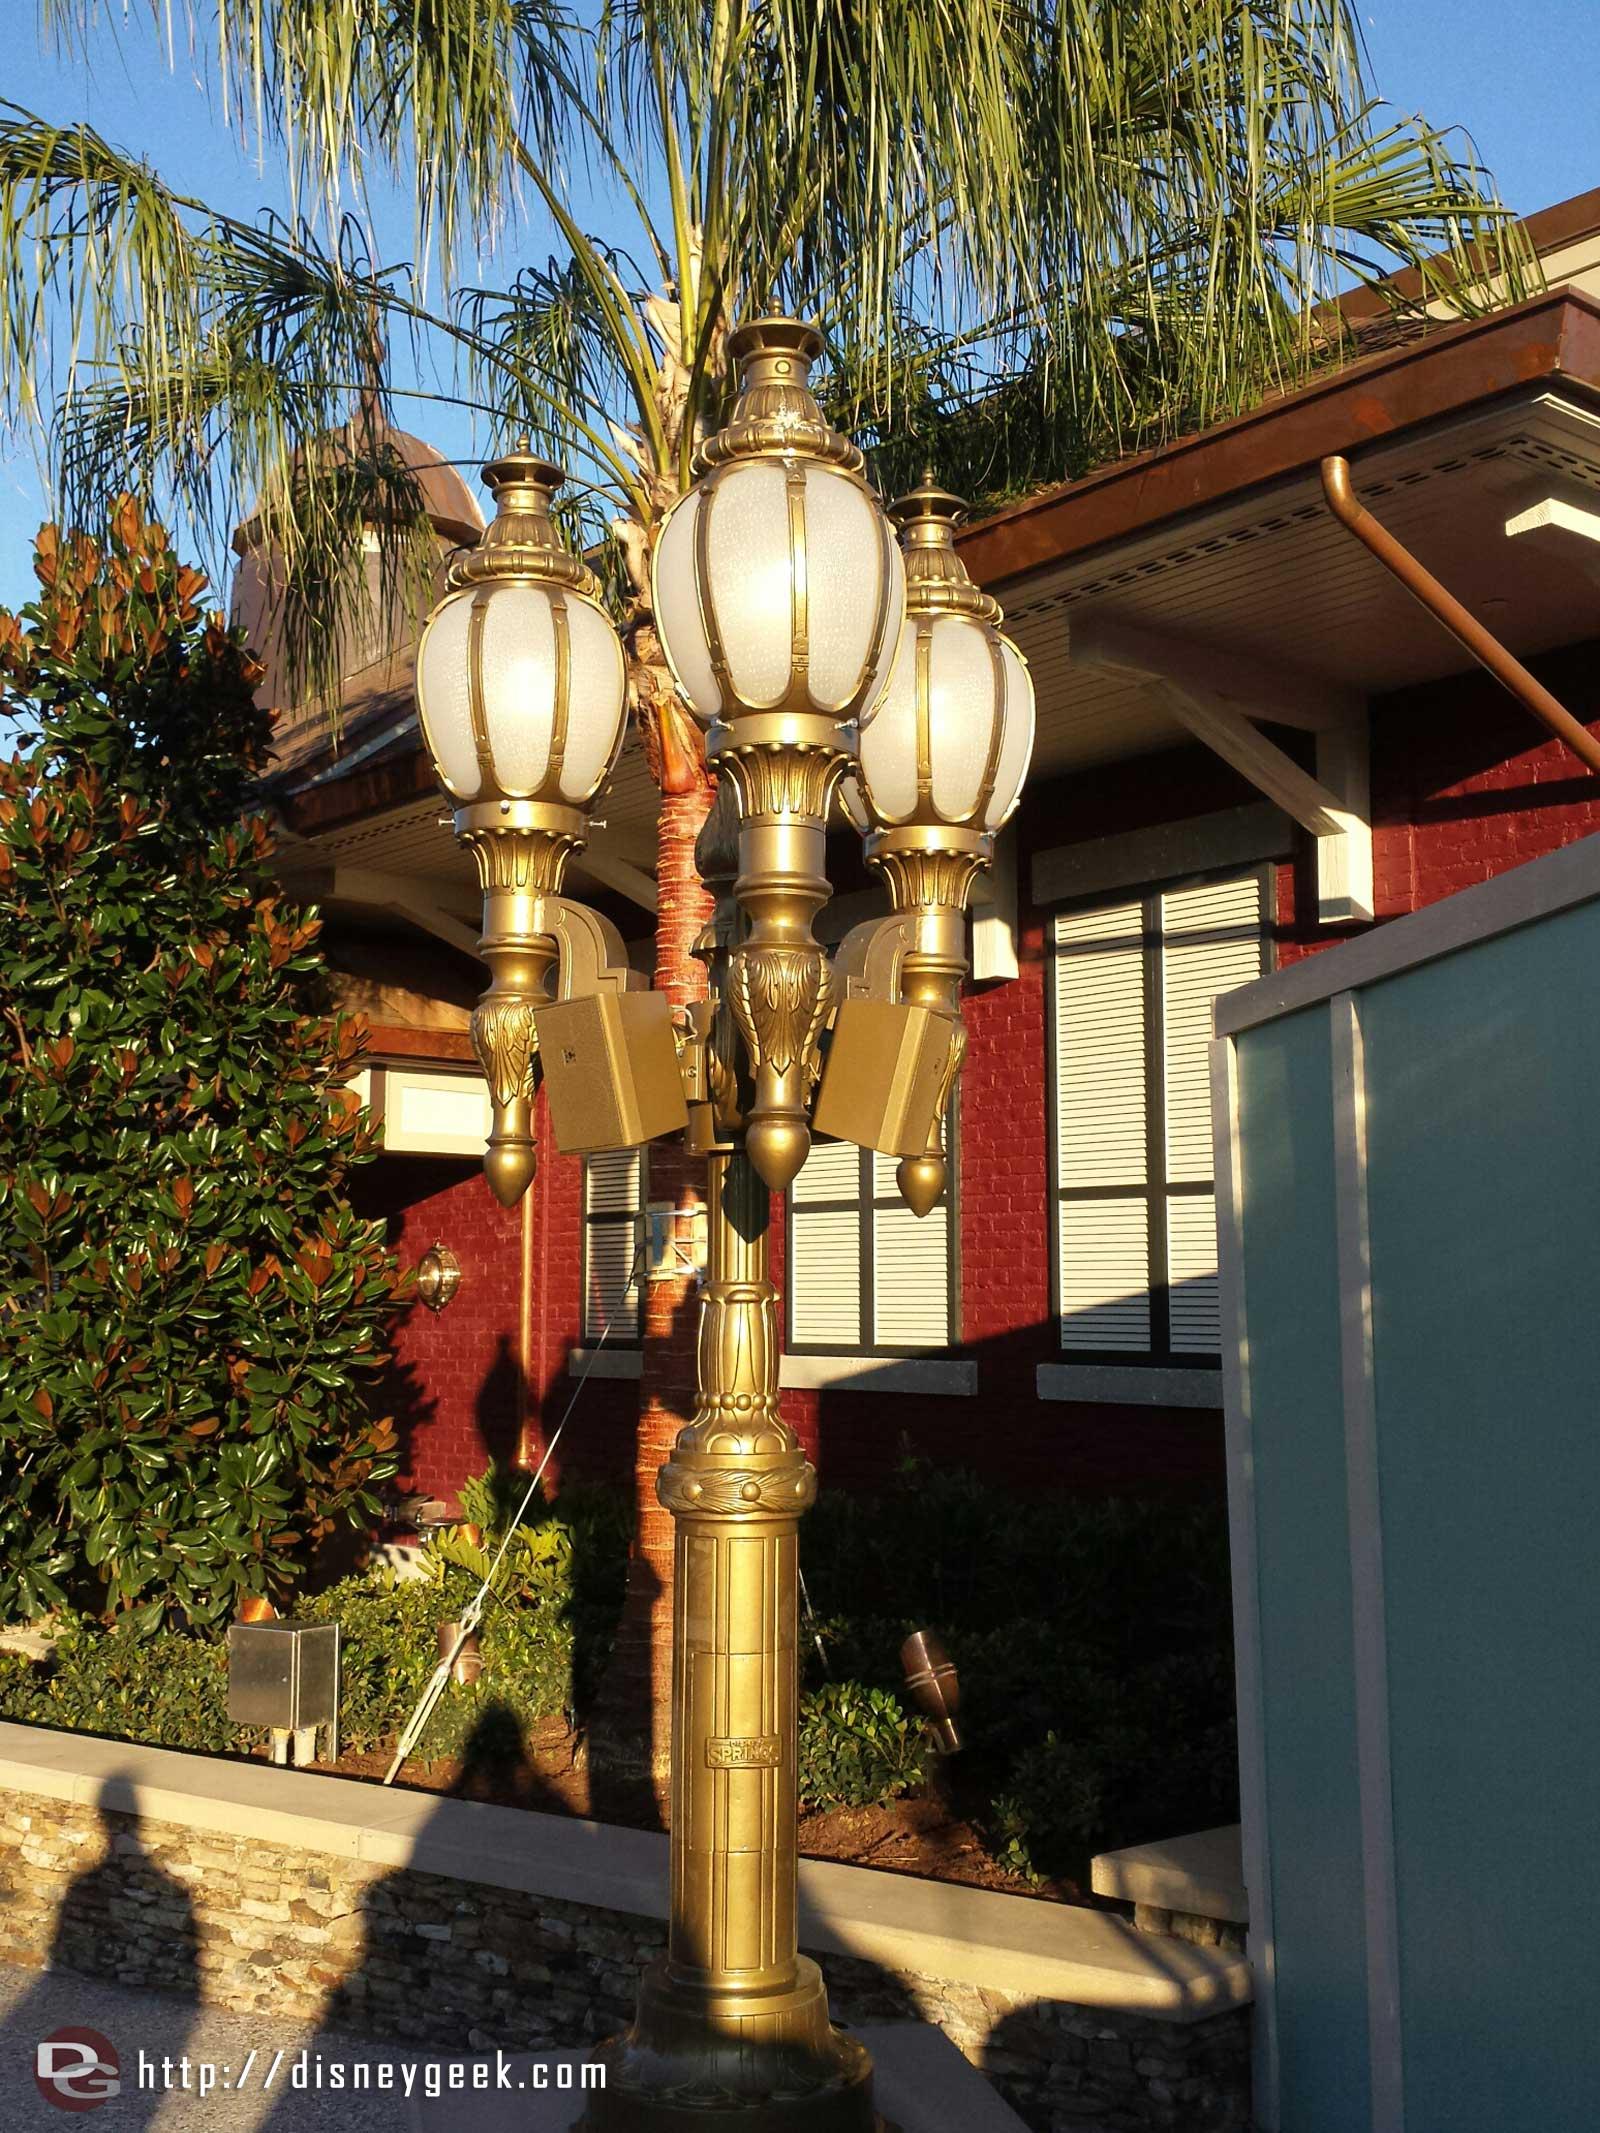 Disney Springs lamp post